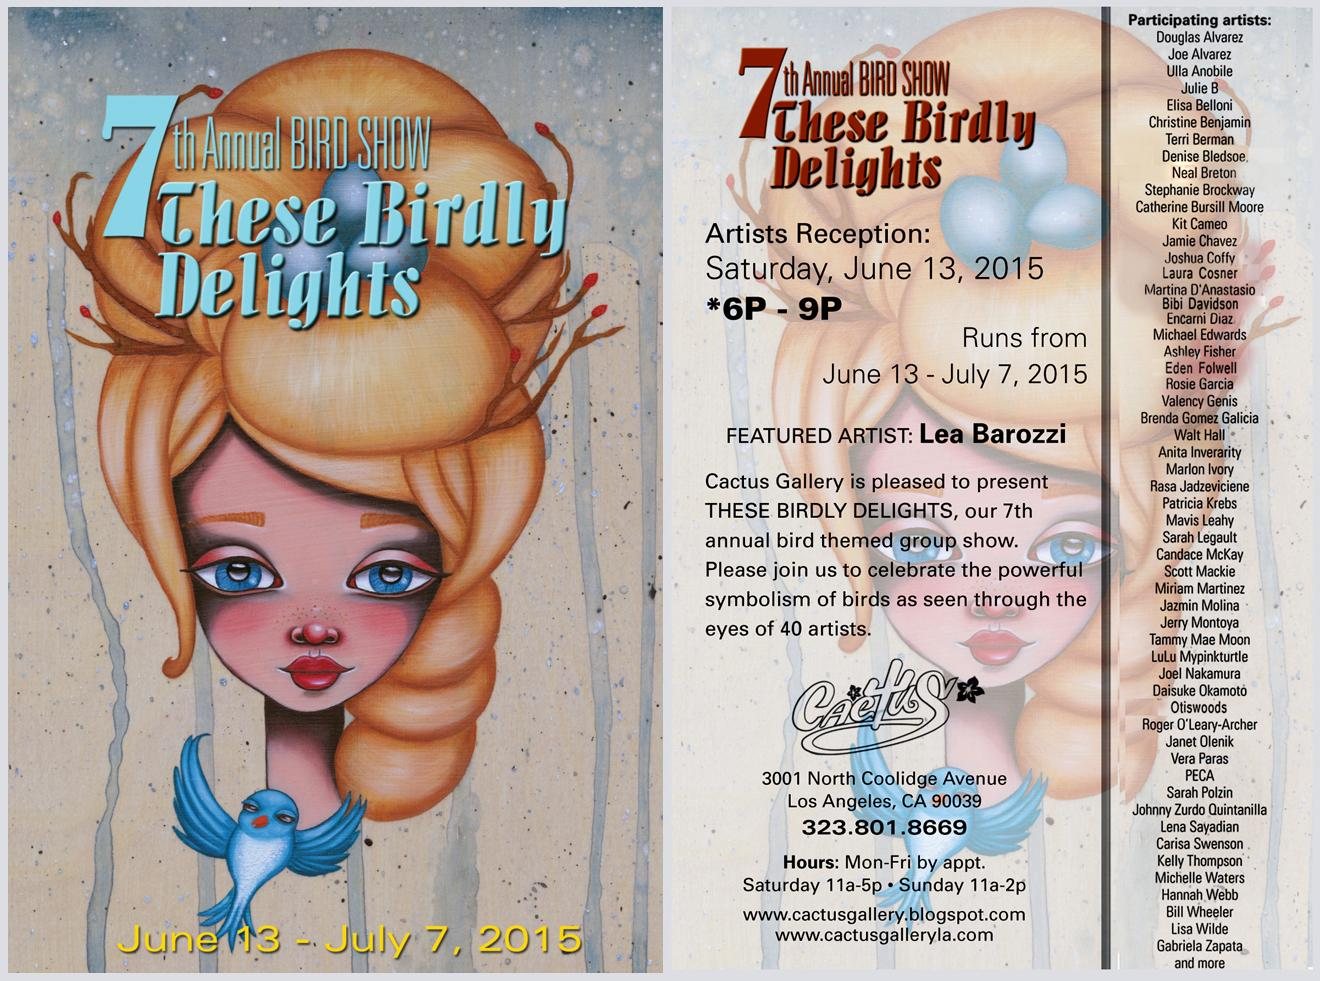 Birdly Delights - Denise Bledsoe